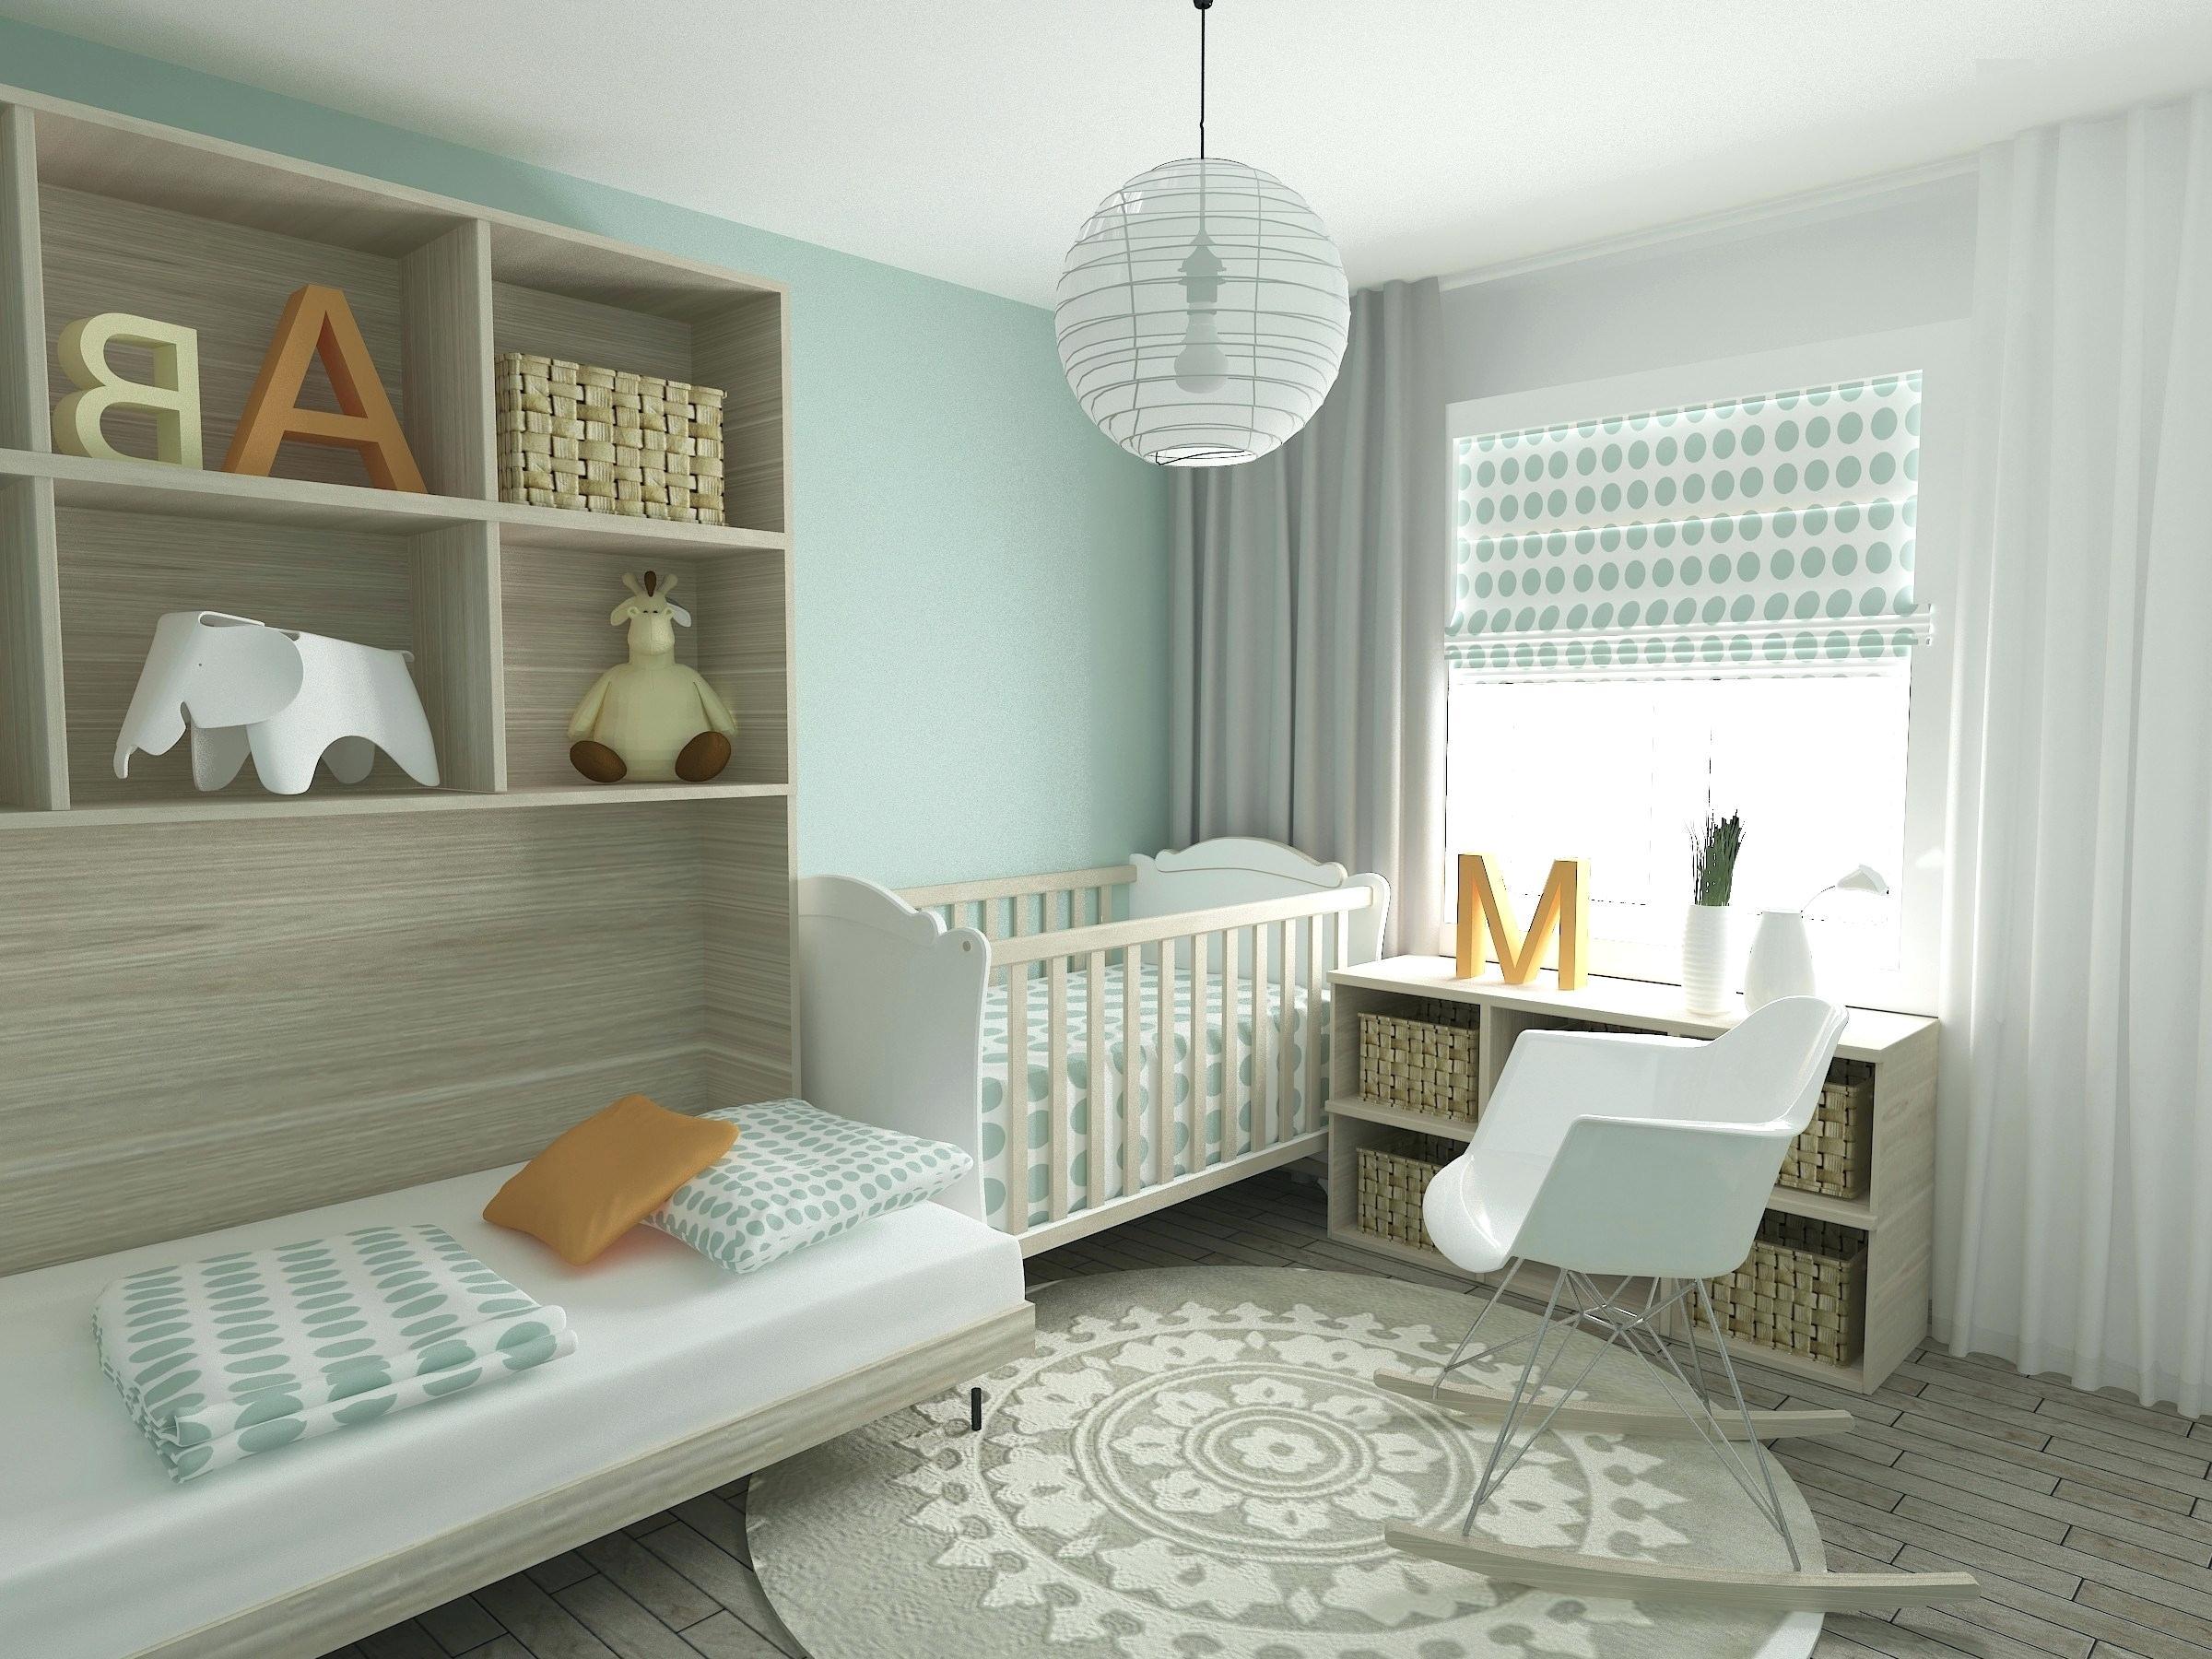 chambre bebe decoration neutre vert balnc bois